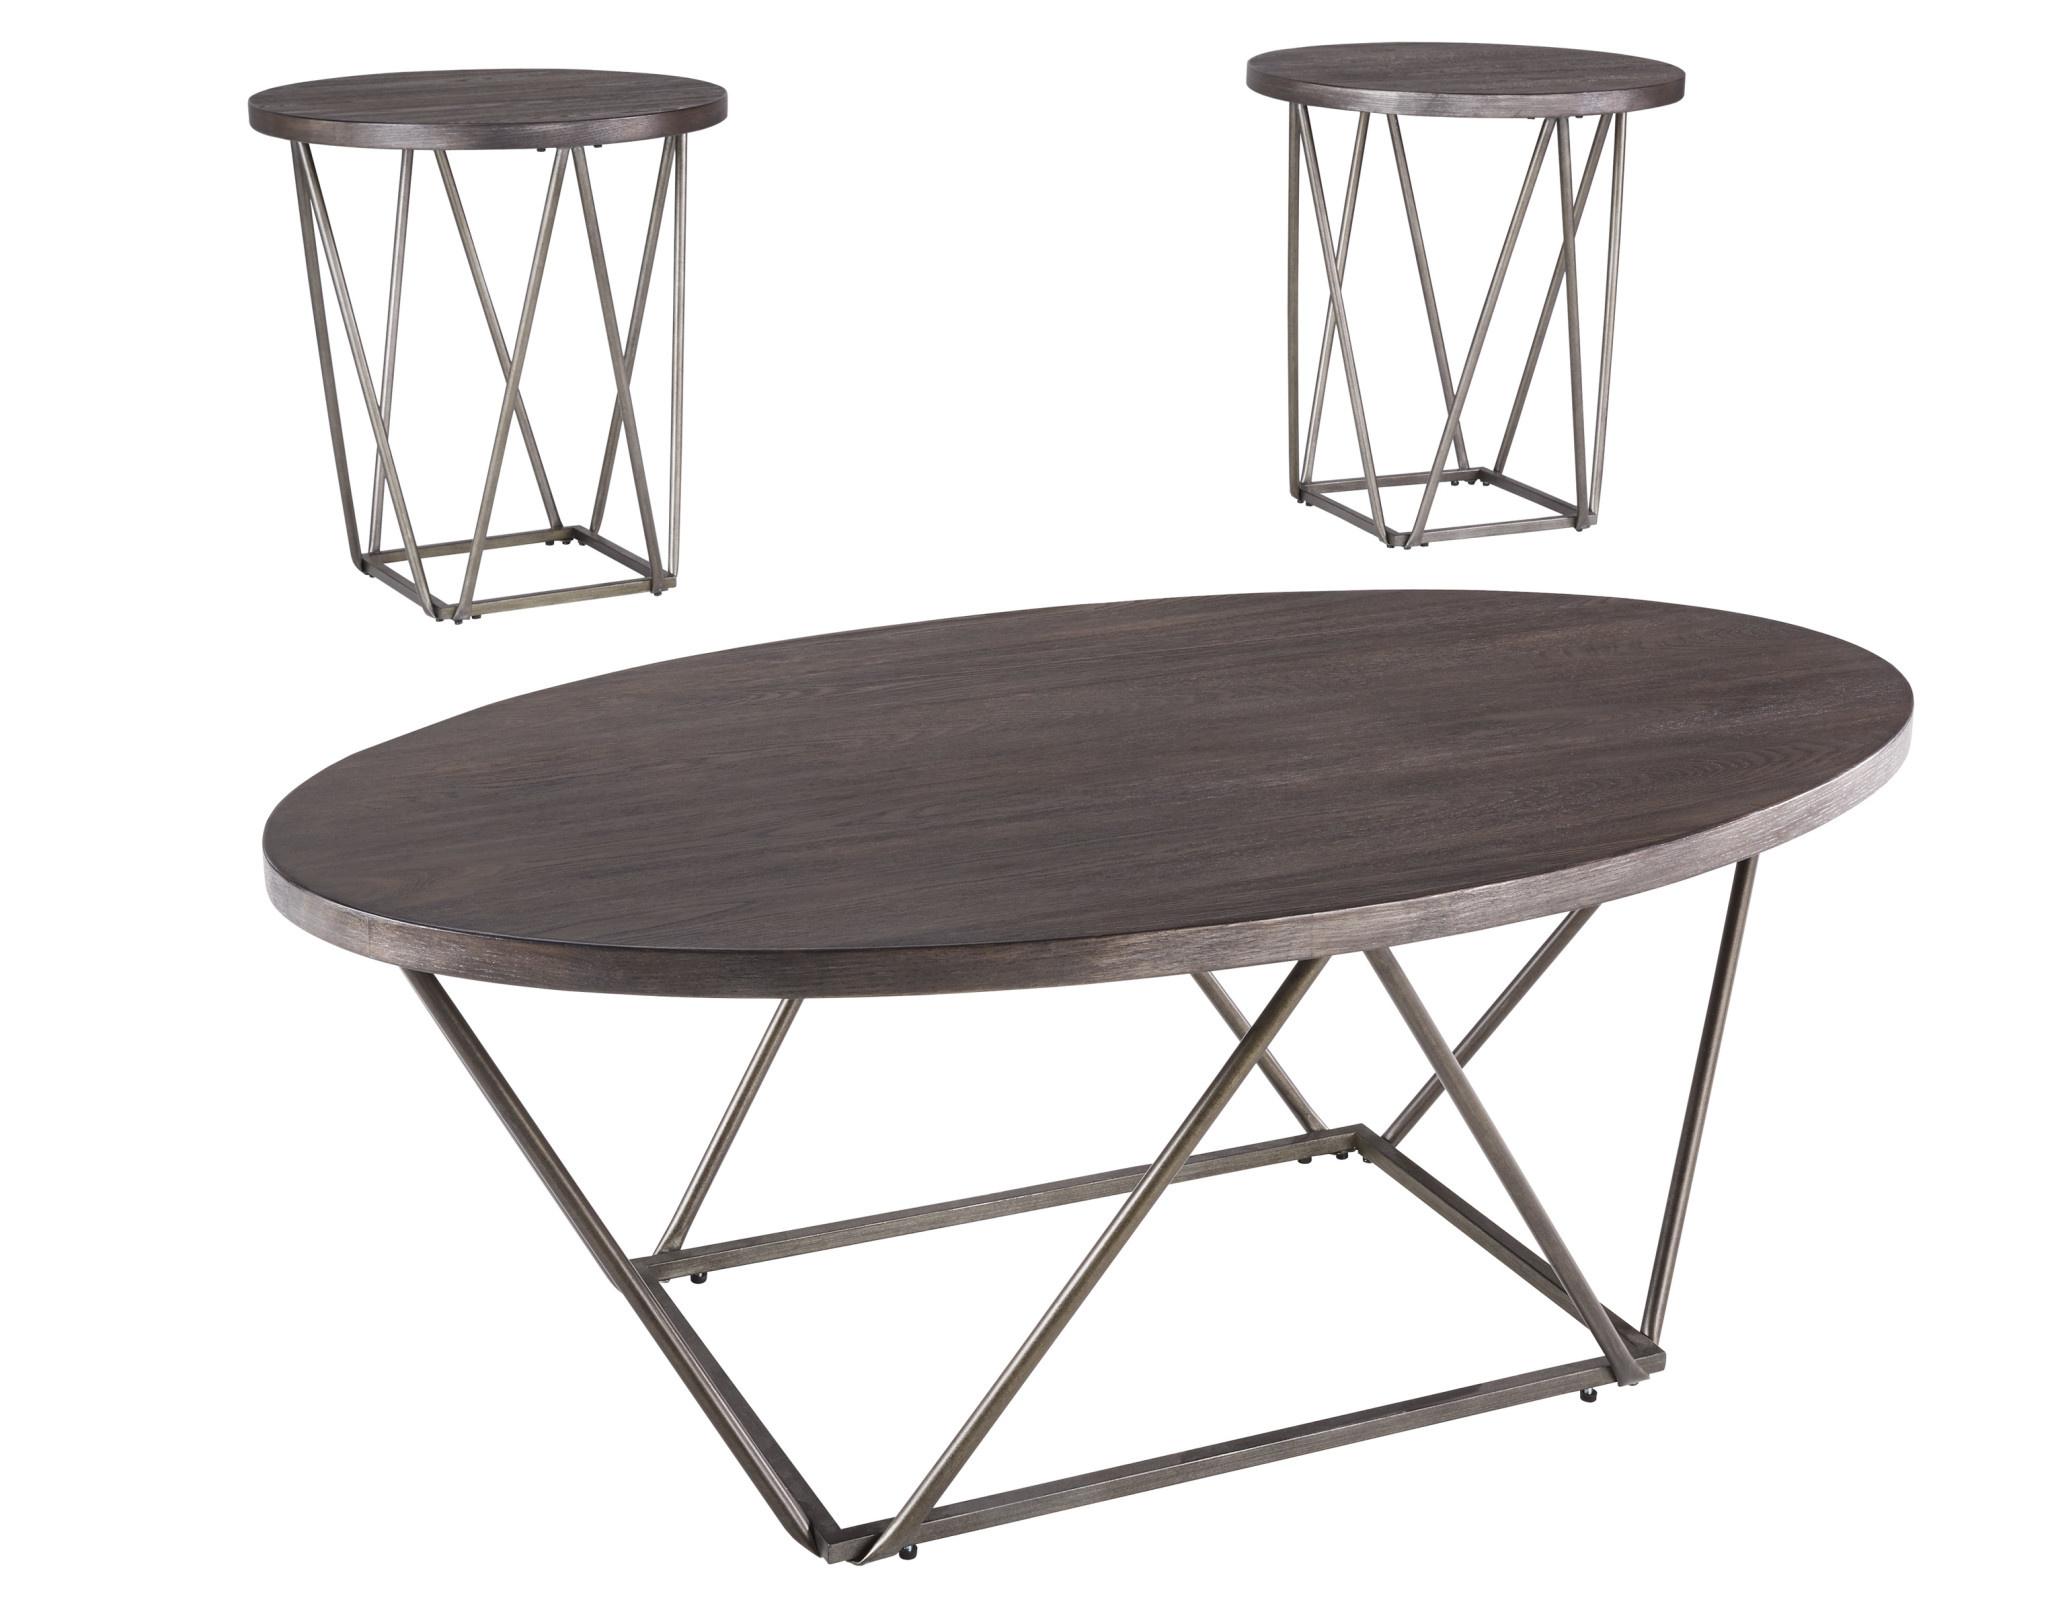 """Signature Design """"Neimhurst"""" Dark Brown Occasional Table (Set of 3)- T384-13"""